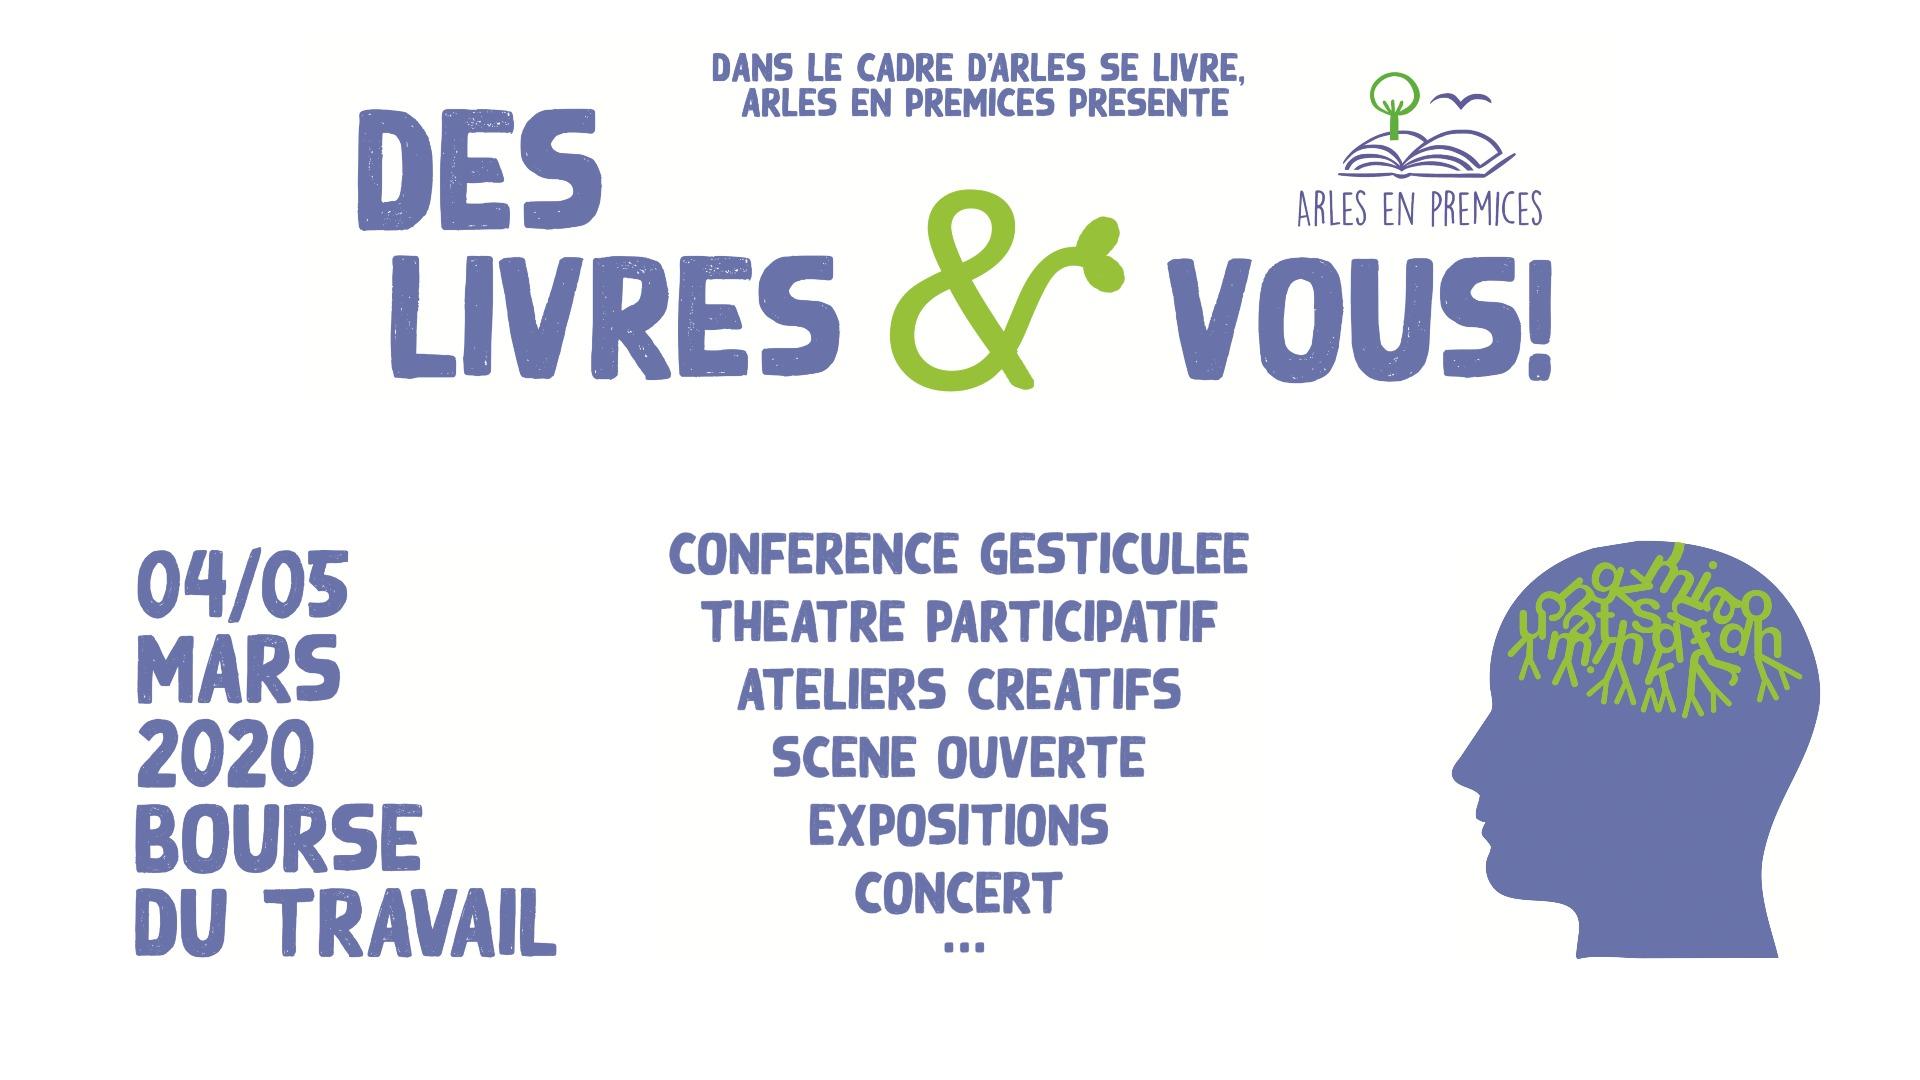 L'association Arles en Prémices propose Des Livres Et Vous les 4 et 5 mars 2020 à la Bourse Du Travail d'Arles. La littérature, le livre et l'écologie seront au centre des activités proposées